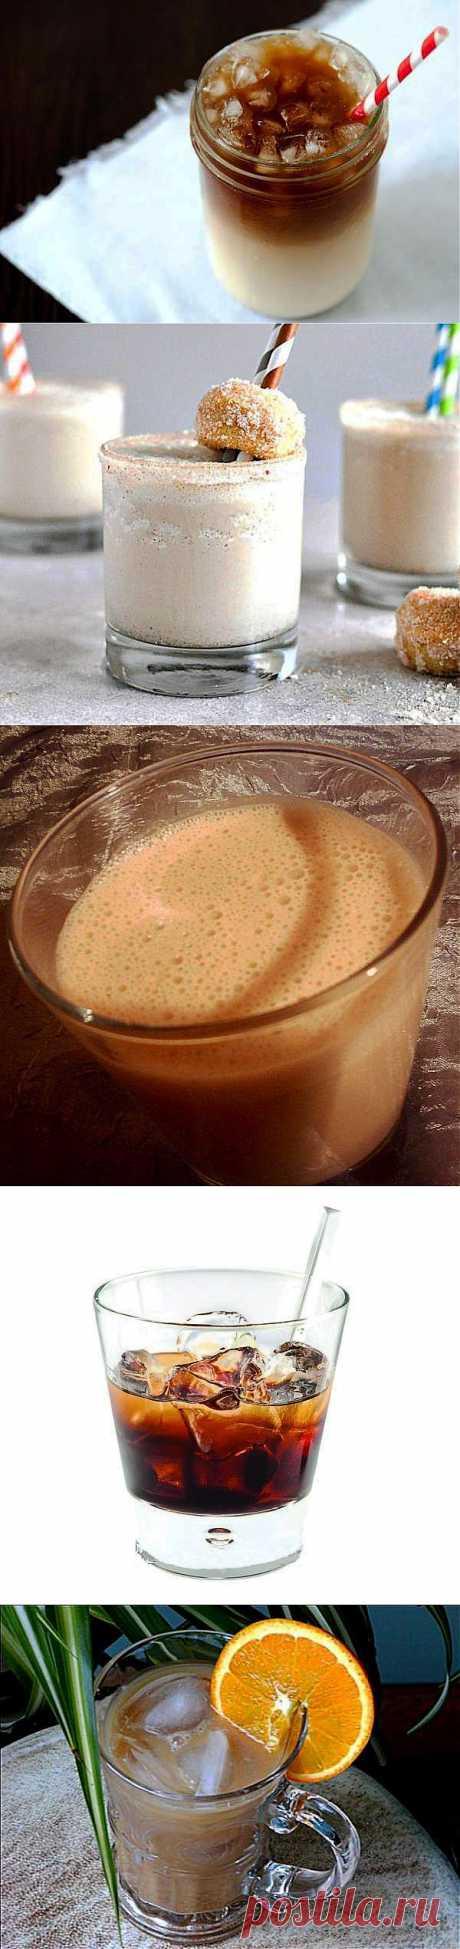 Рецепт 10 рецептов освежающих кофейных коктейлей с фото в домашних условиях